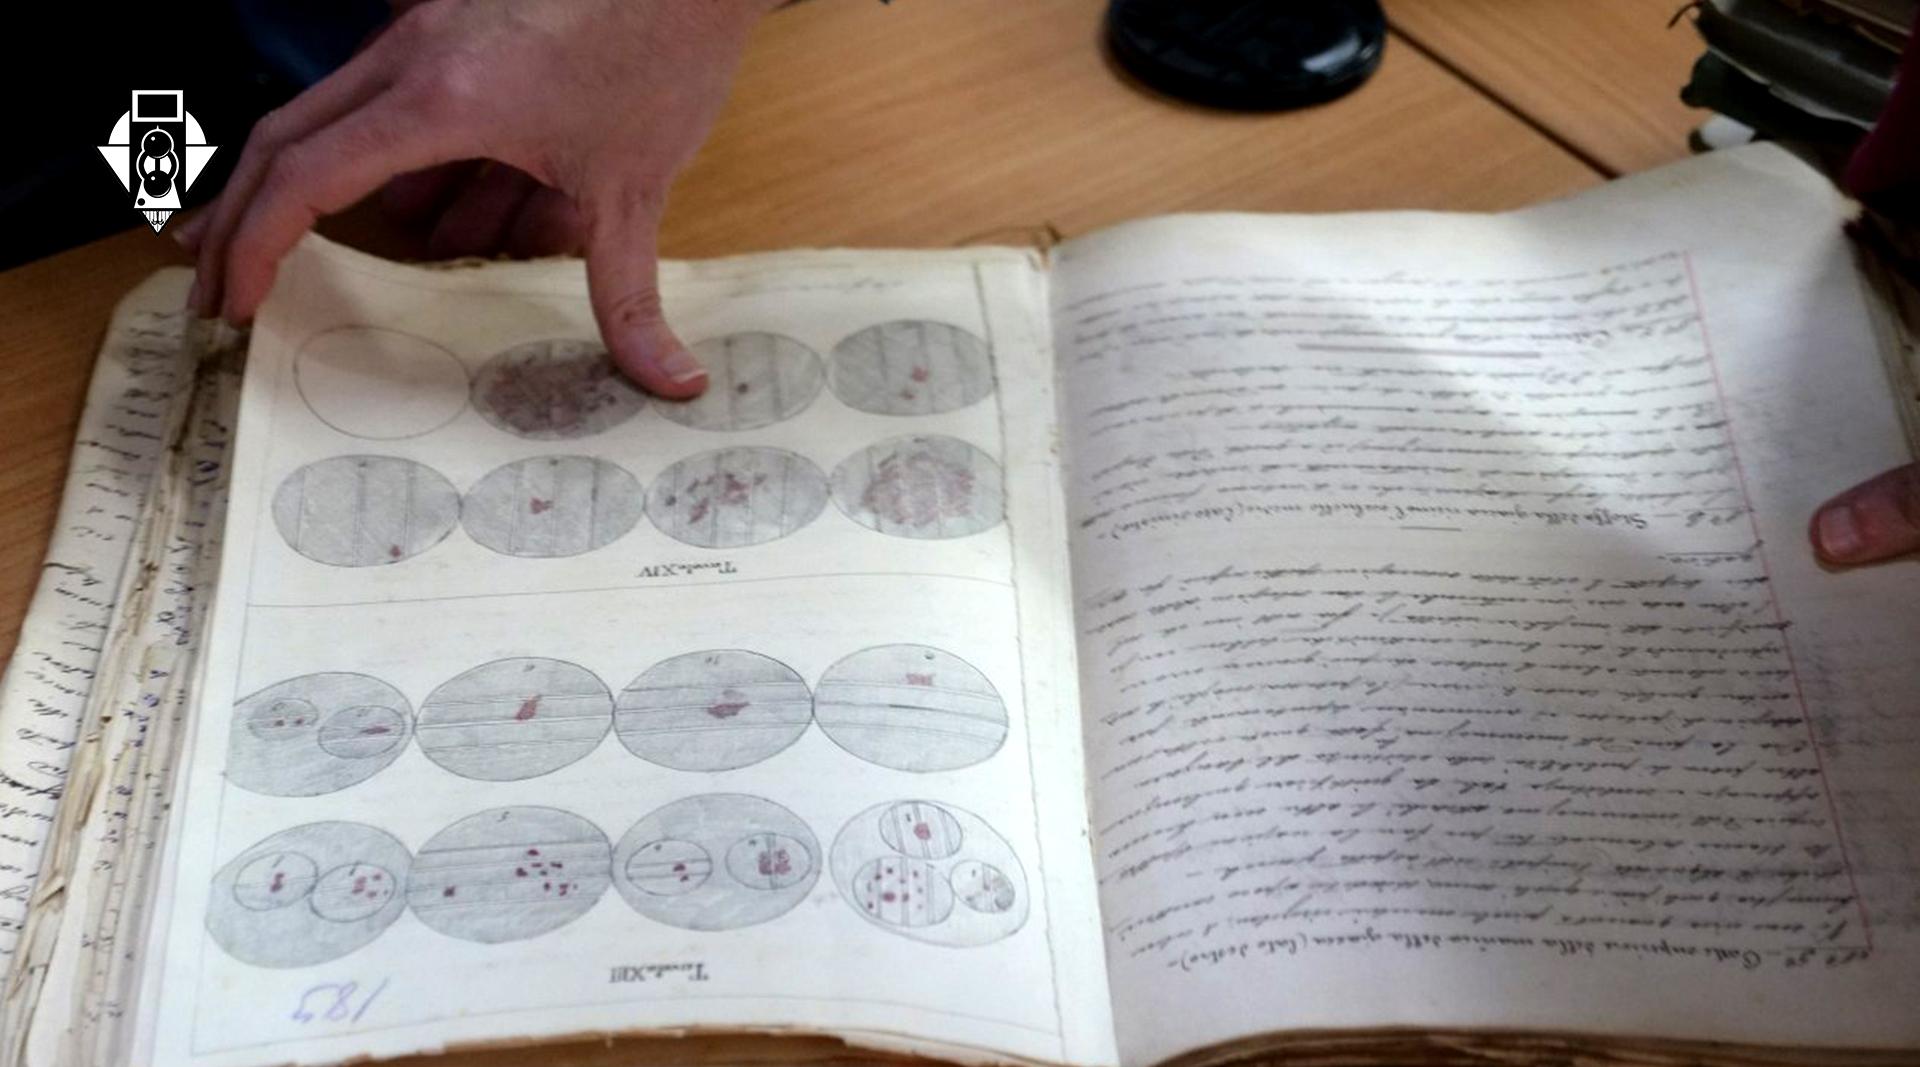 Методика обучения работе с фотографией как источником научных доказательств